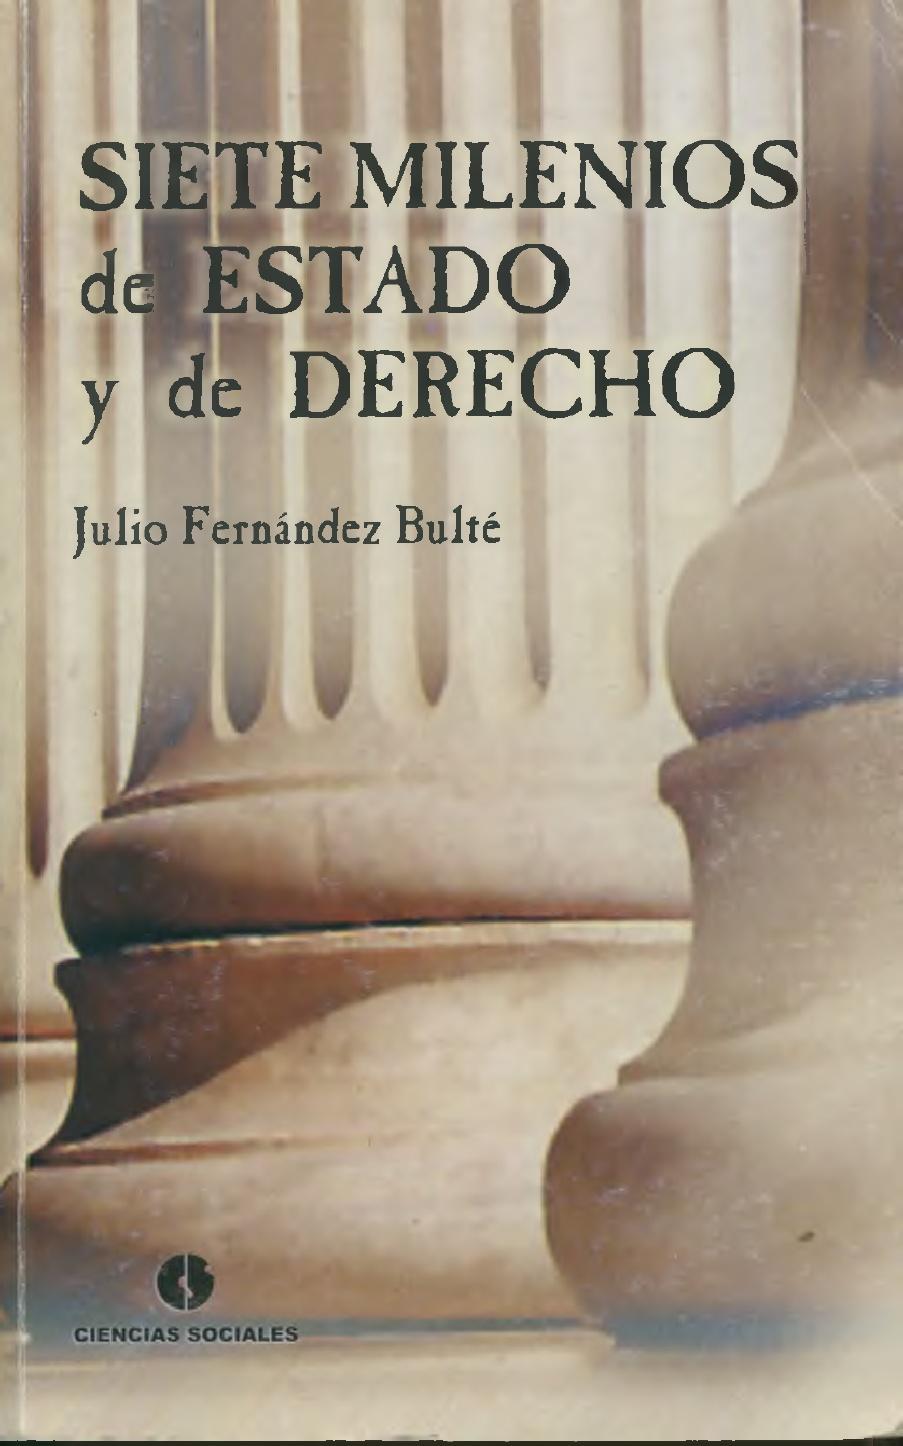 """""""Los ideólogos burgueses, empeñados en velar la esencia clasista del Estado y del derecho…"""". Por Julio Fernández Bulté"""